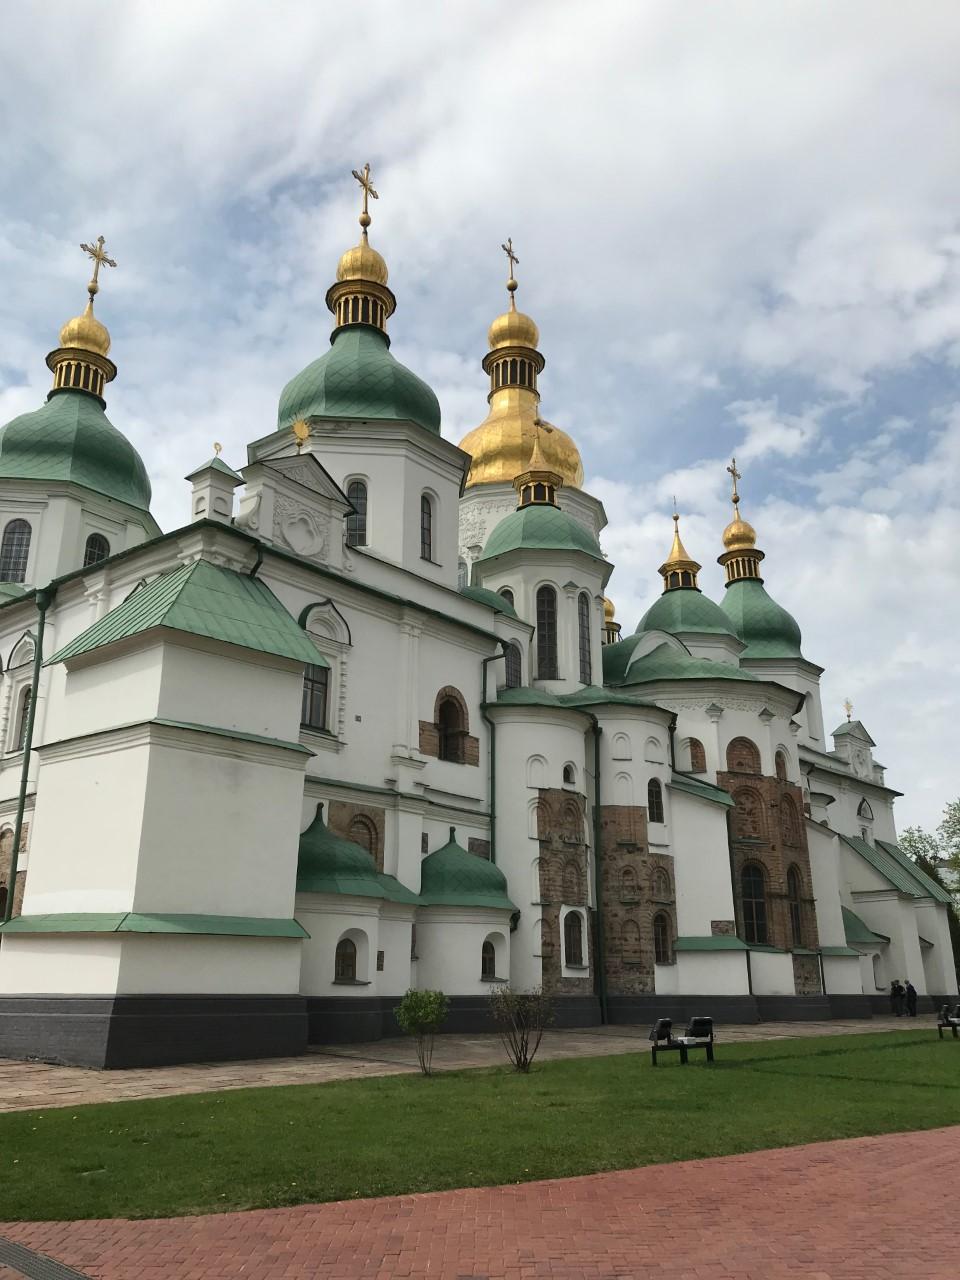 St. Sophia's Cathedral, Ukraine.